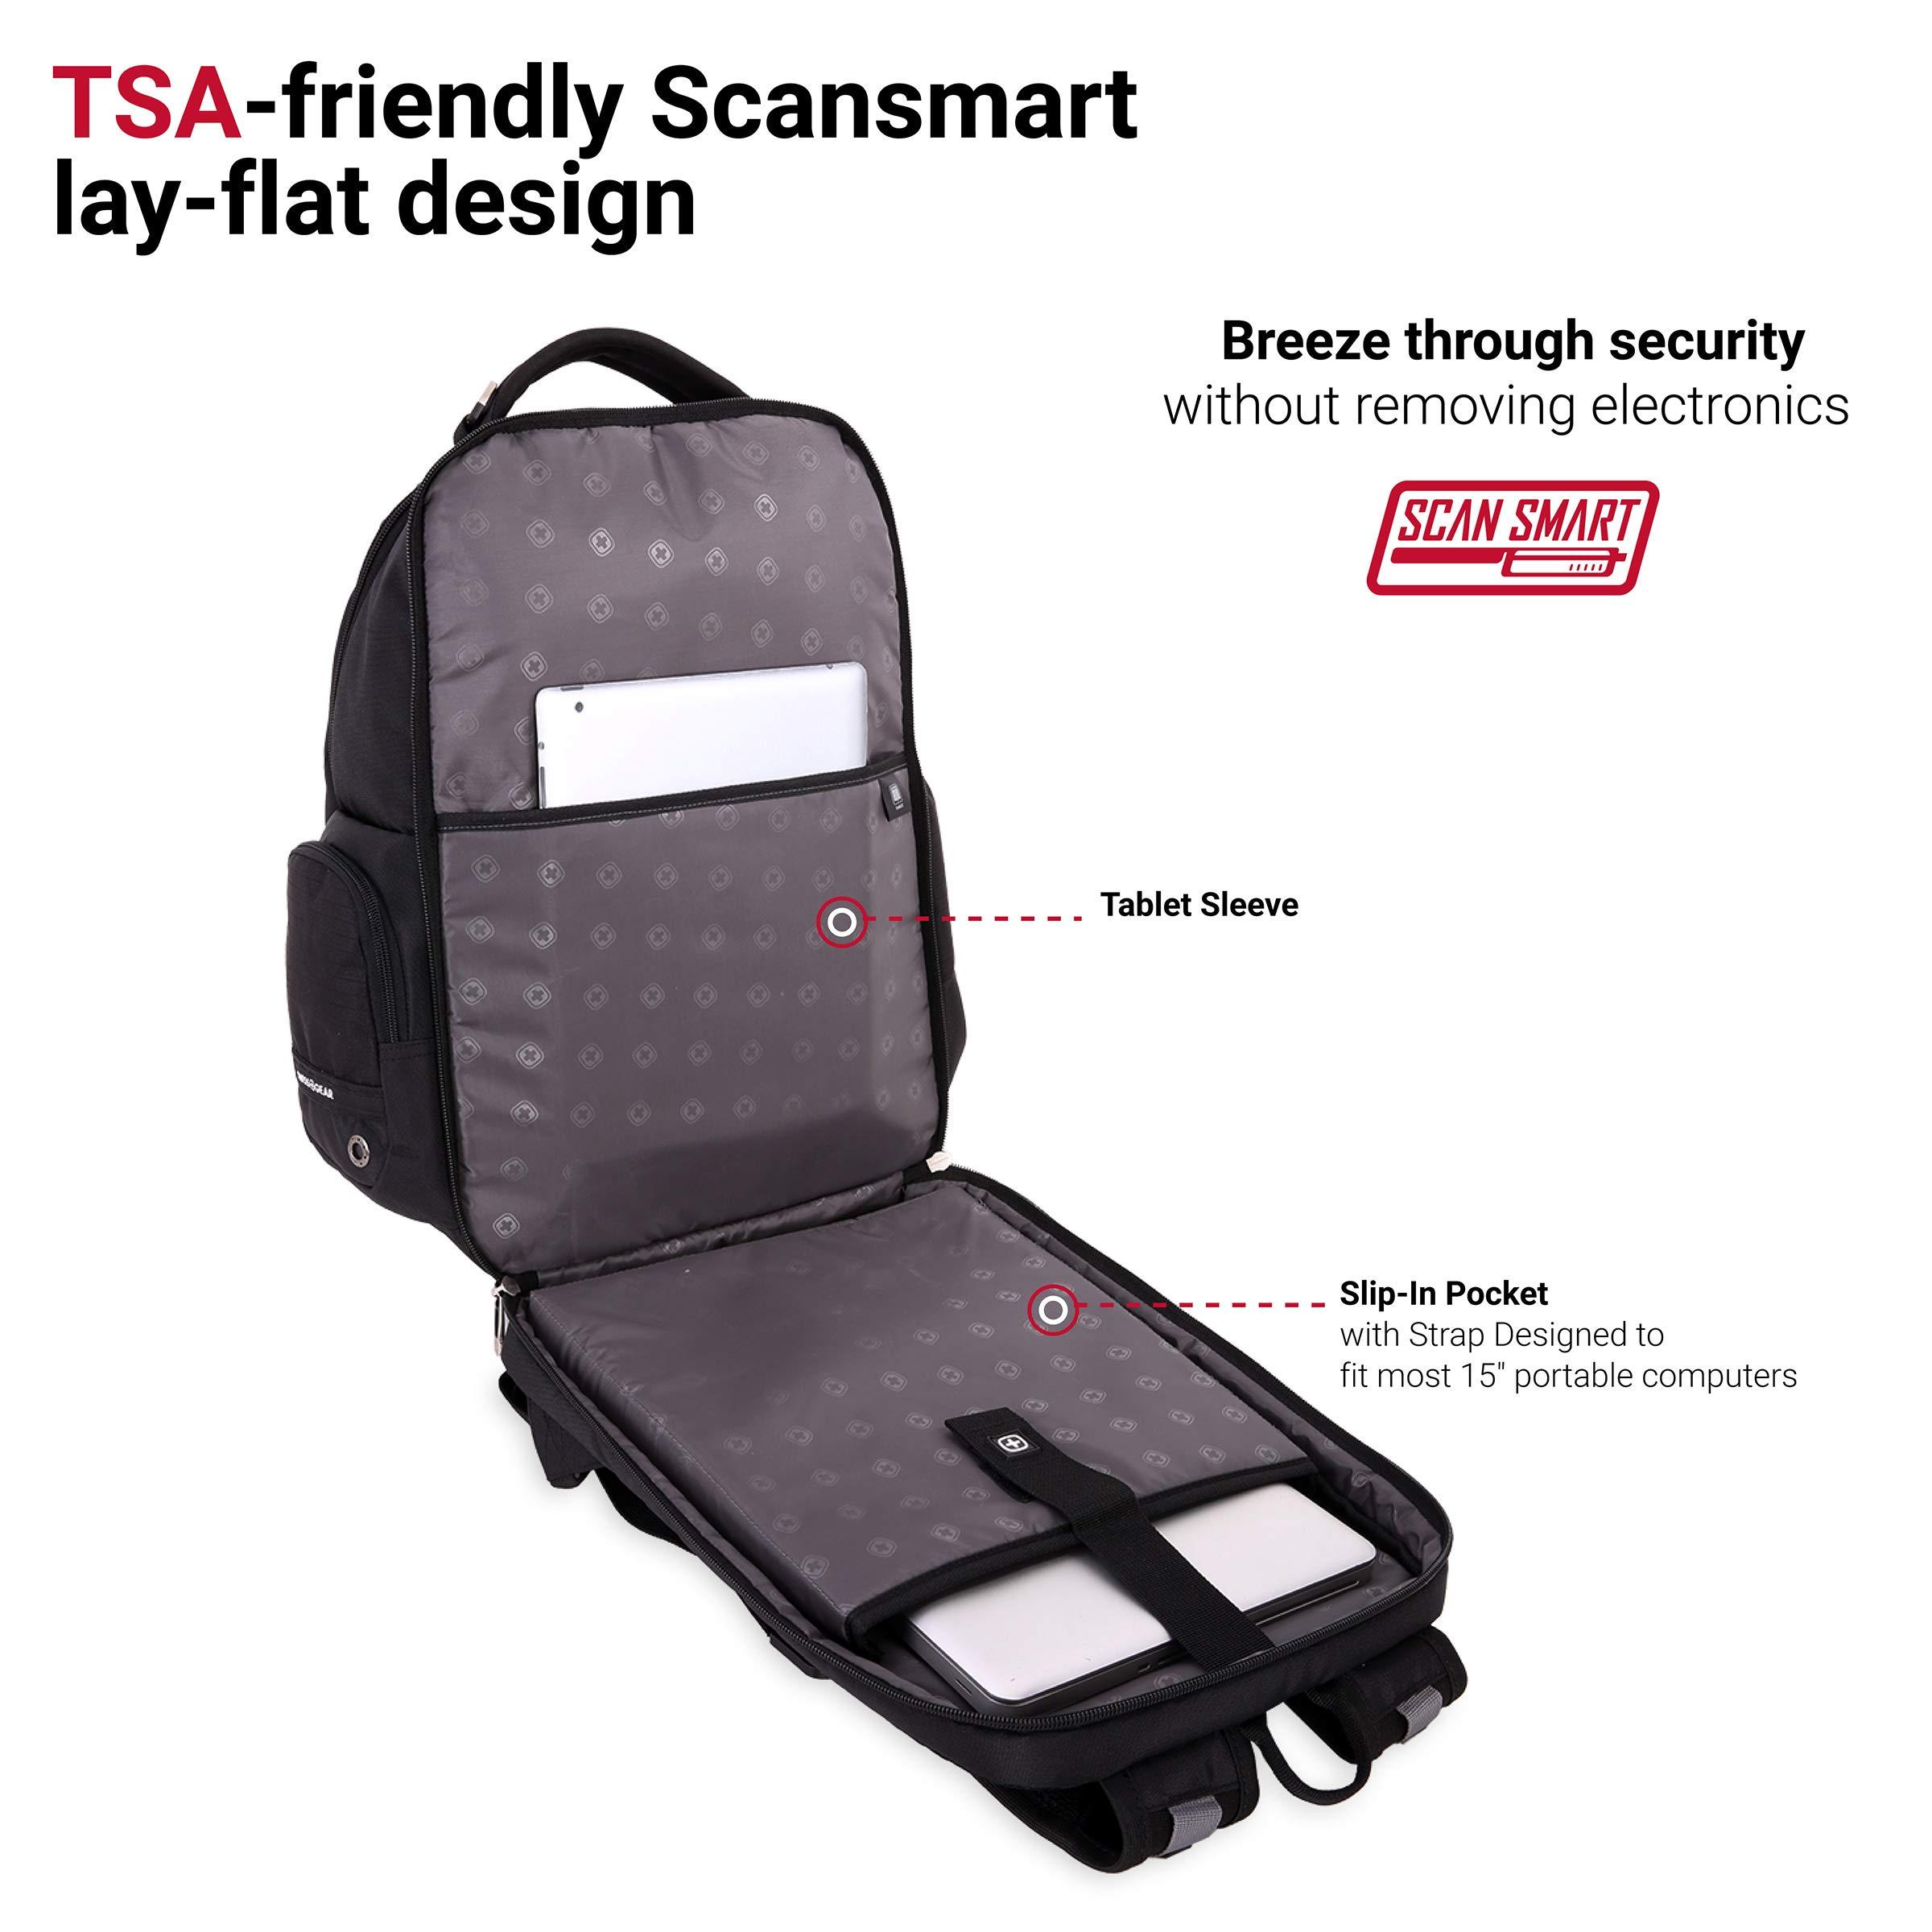 SWISSGEAR Large ScanSmart 15-inch Laptop Backpack   TSA-Friendly Carry-on   Travel, Work, School   Men's and Women's - Black by SwissGear (Image #5)